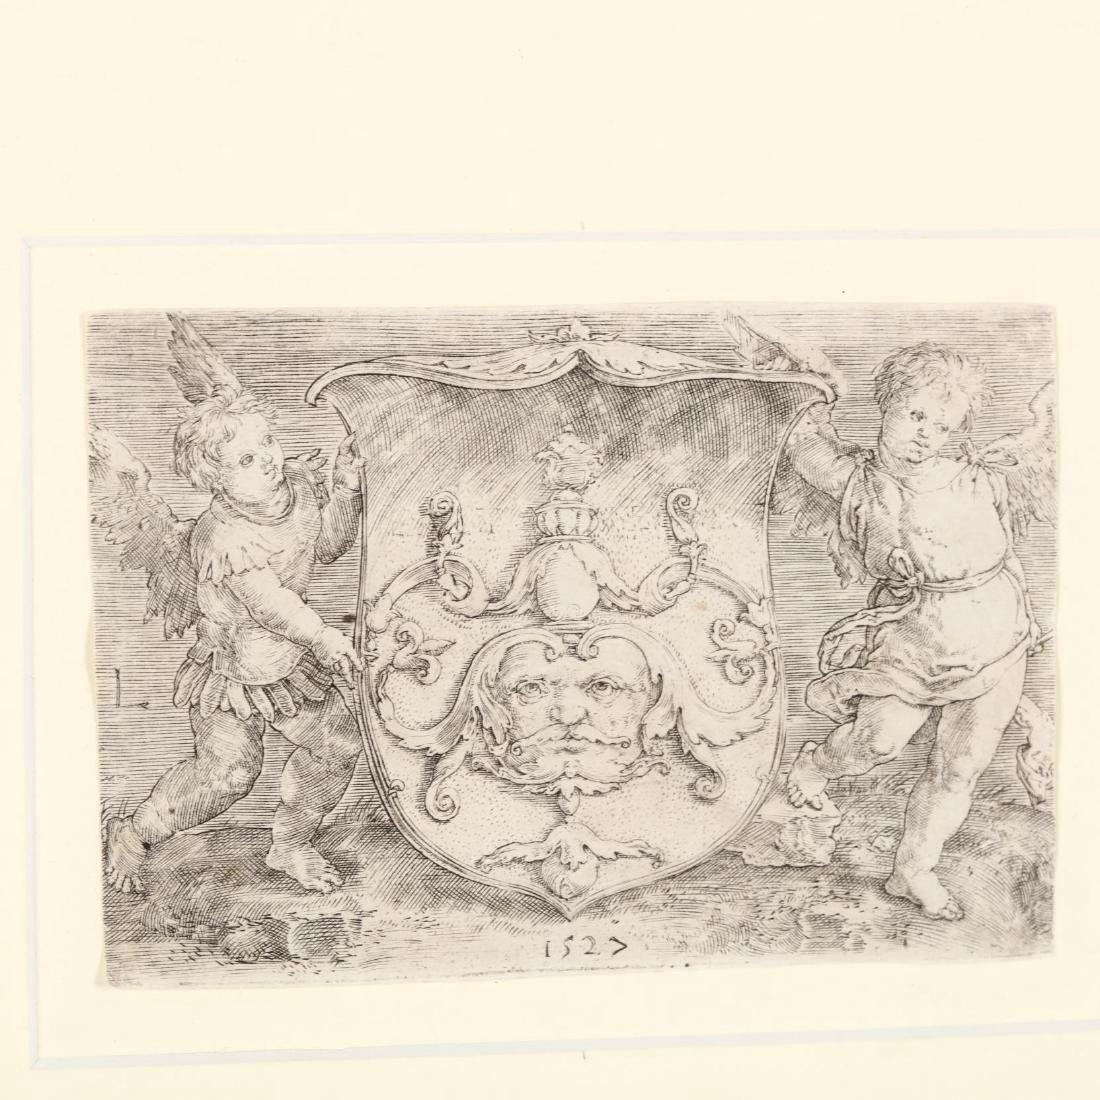 Lucas van Leyden (Dutch, 1494-1533),  Coat-of-Arms with - 2